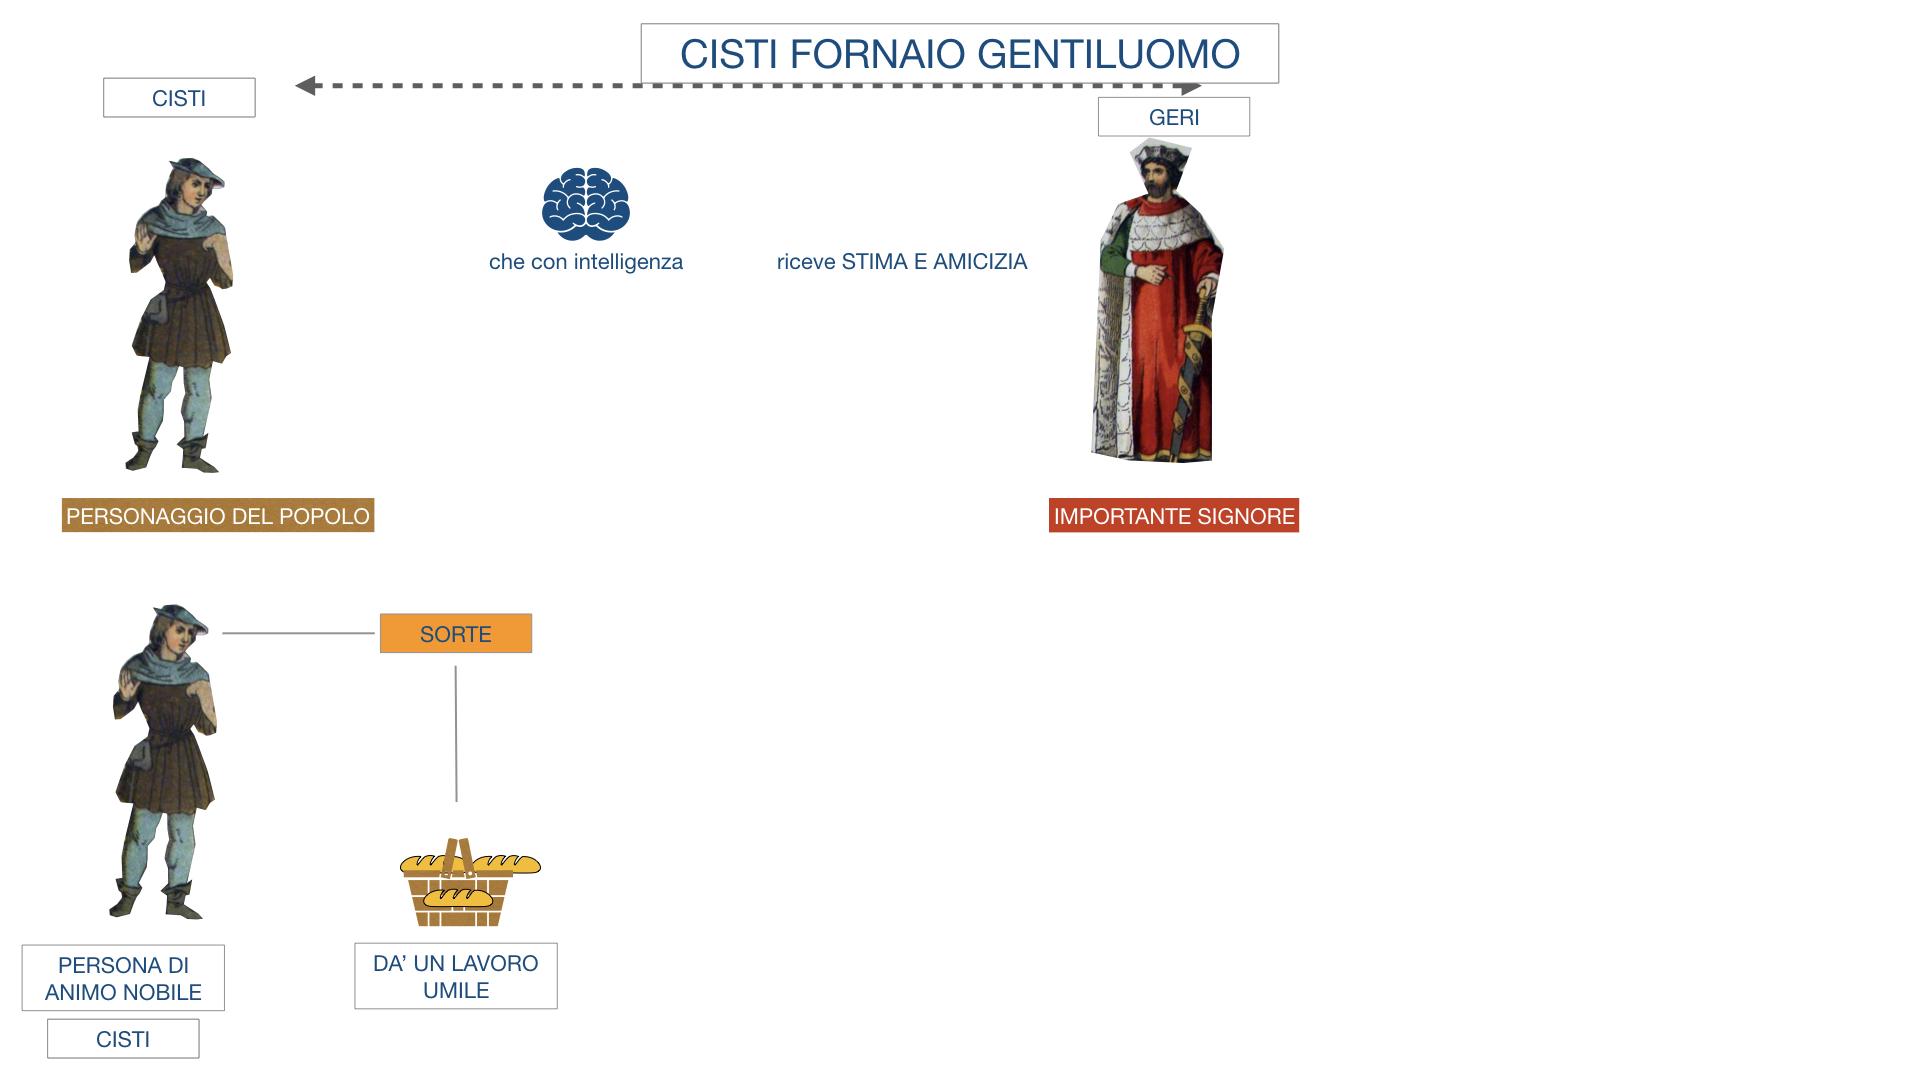 CISTI IL FORNAIO_SIMULAZIONE .008